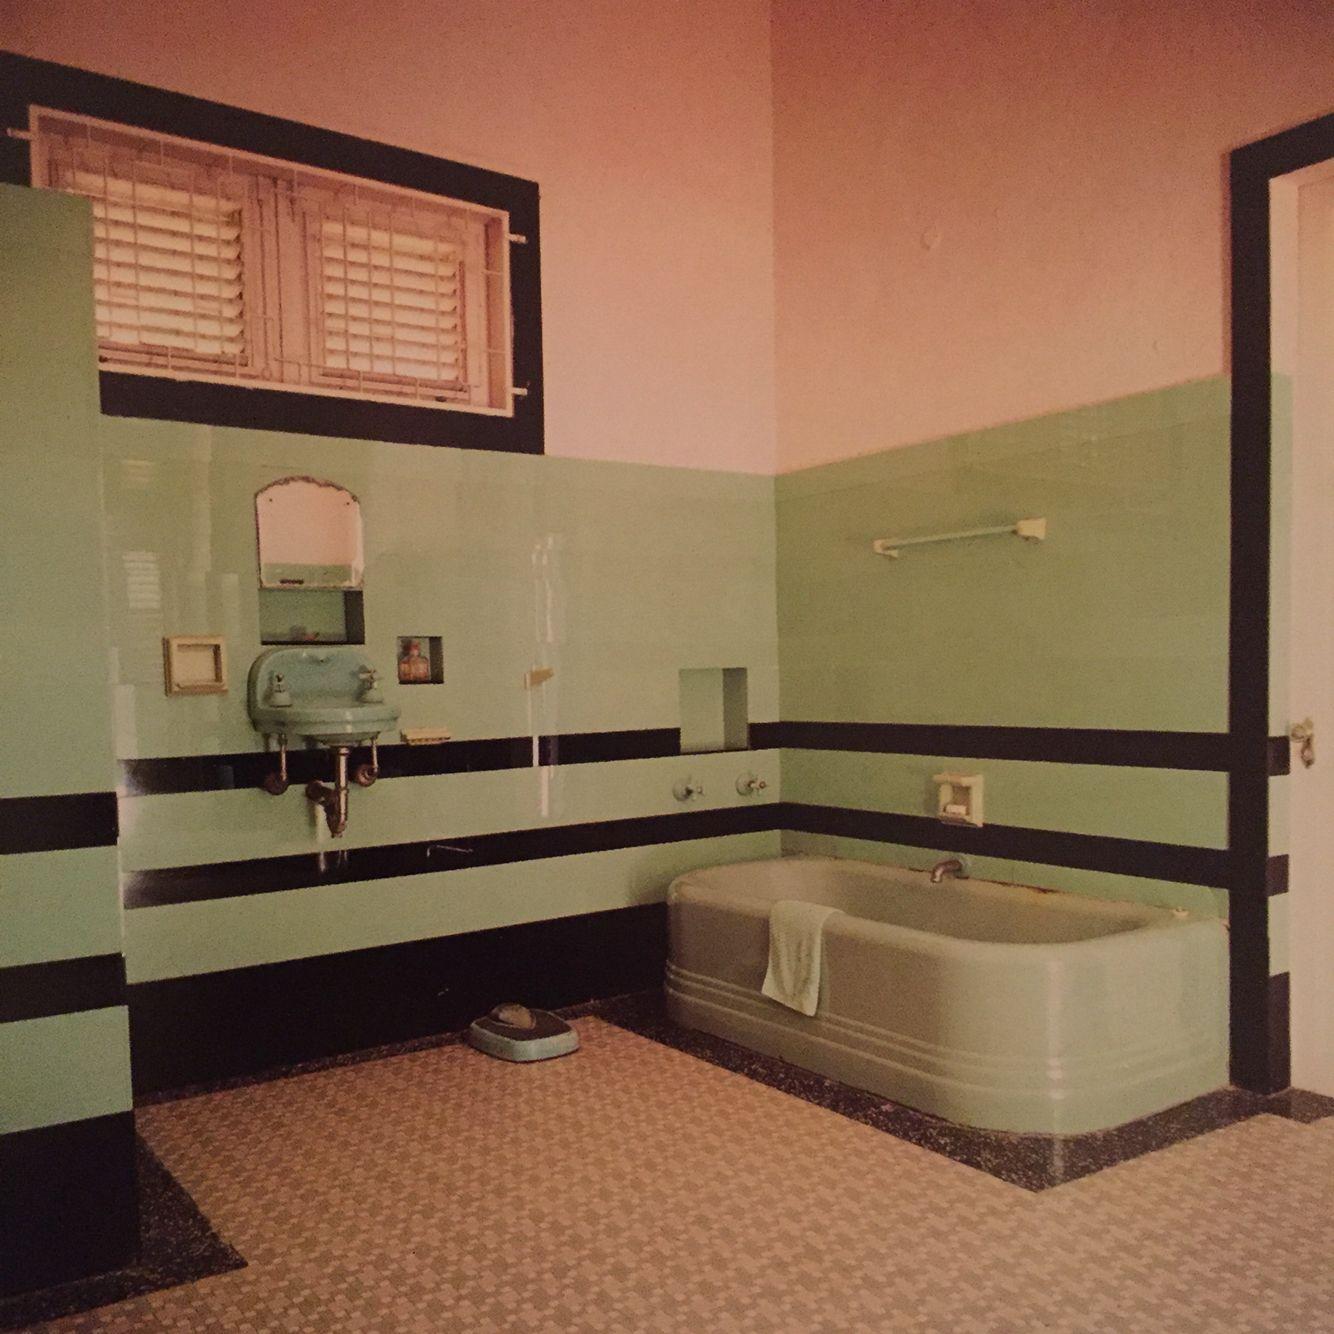 Een badkamer uitgevoerd in de voor de jaren twintig typerende art deco stijl zeegroen sanitair - Image deco badkamer ...